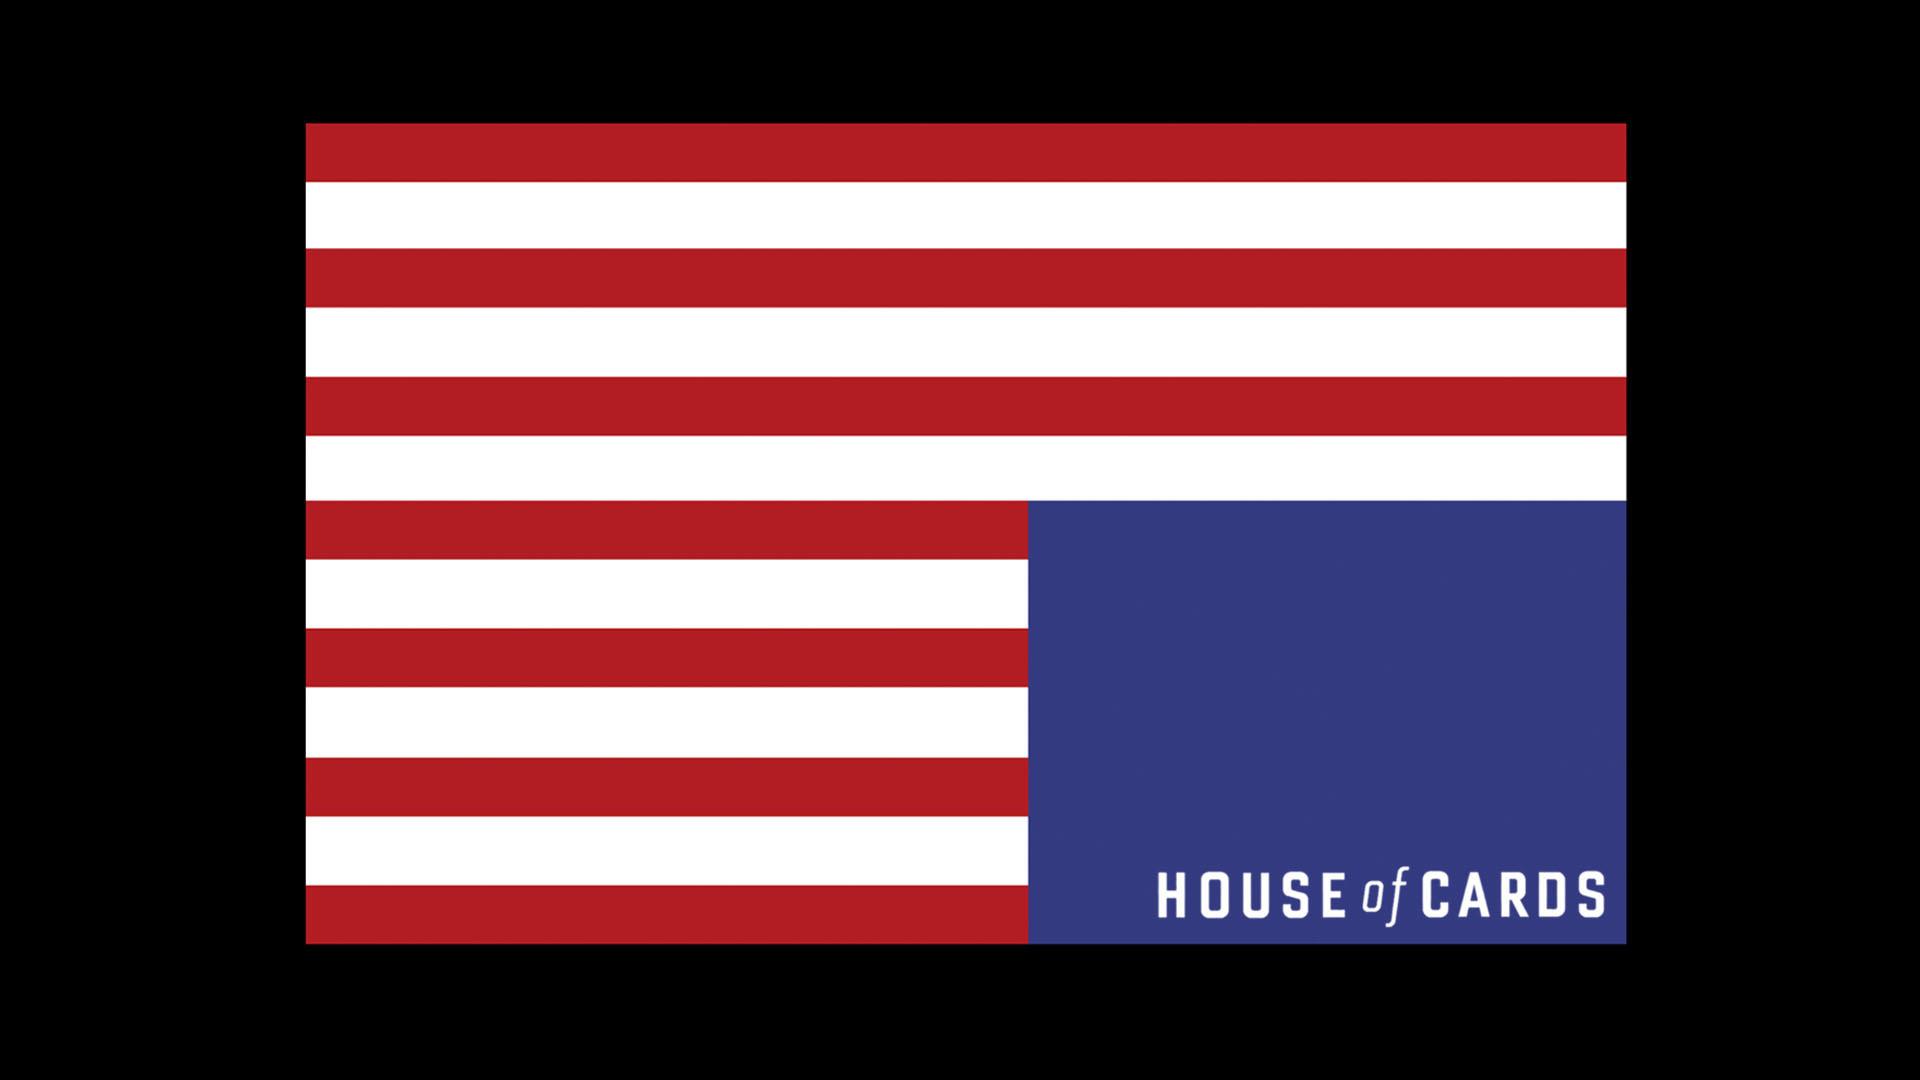 House of Cards Flag Logo wallpaper